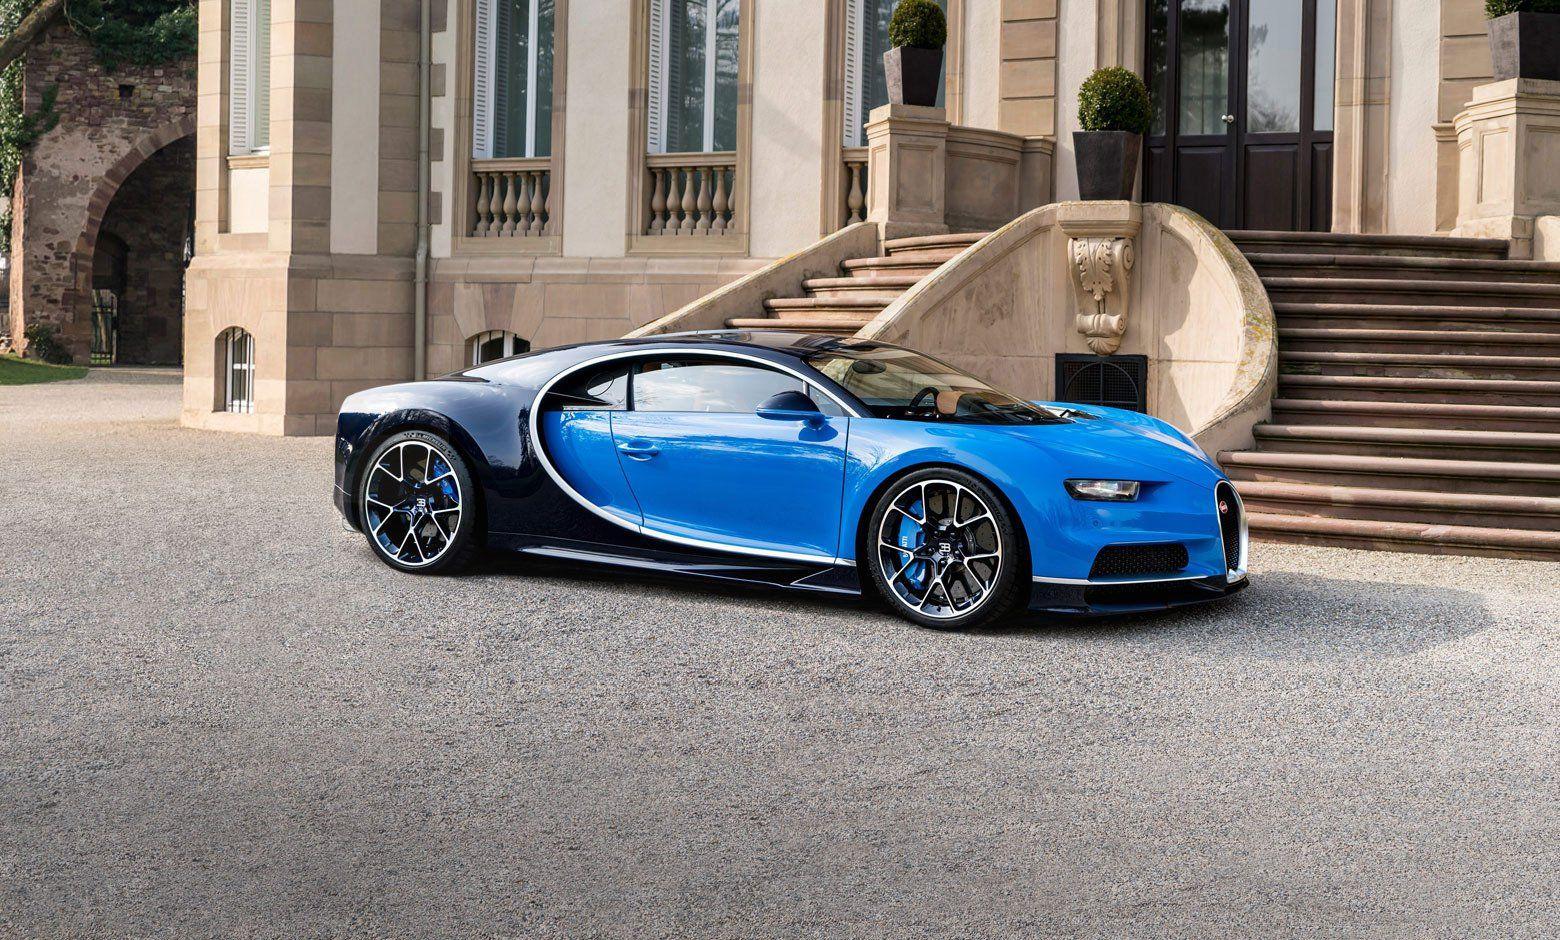 El Bugatti Chiron es el auto mas rapido del mundo